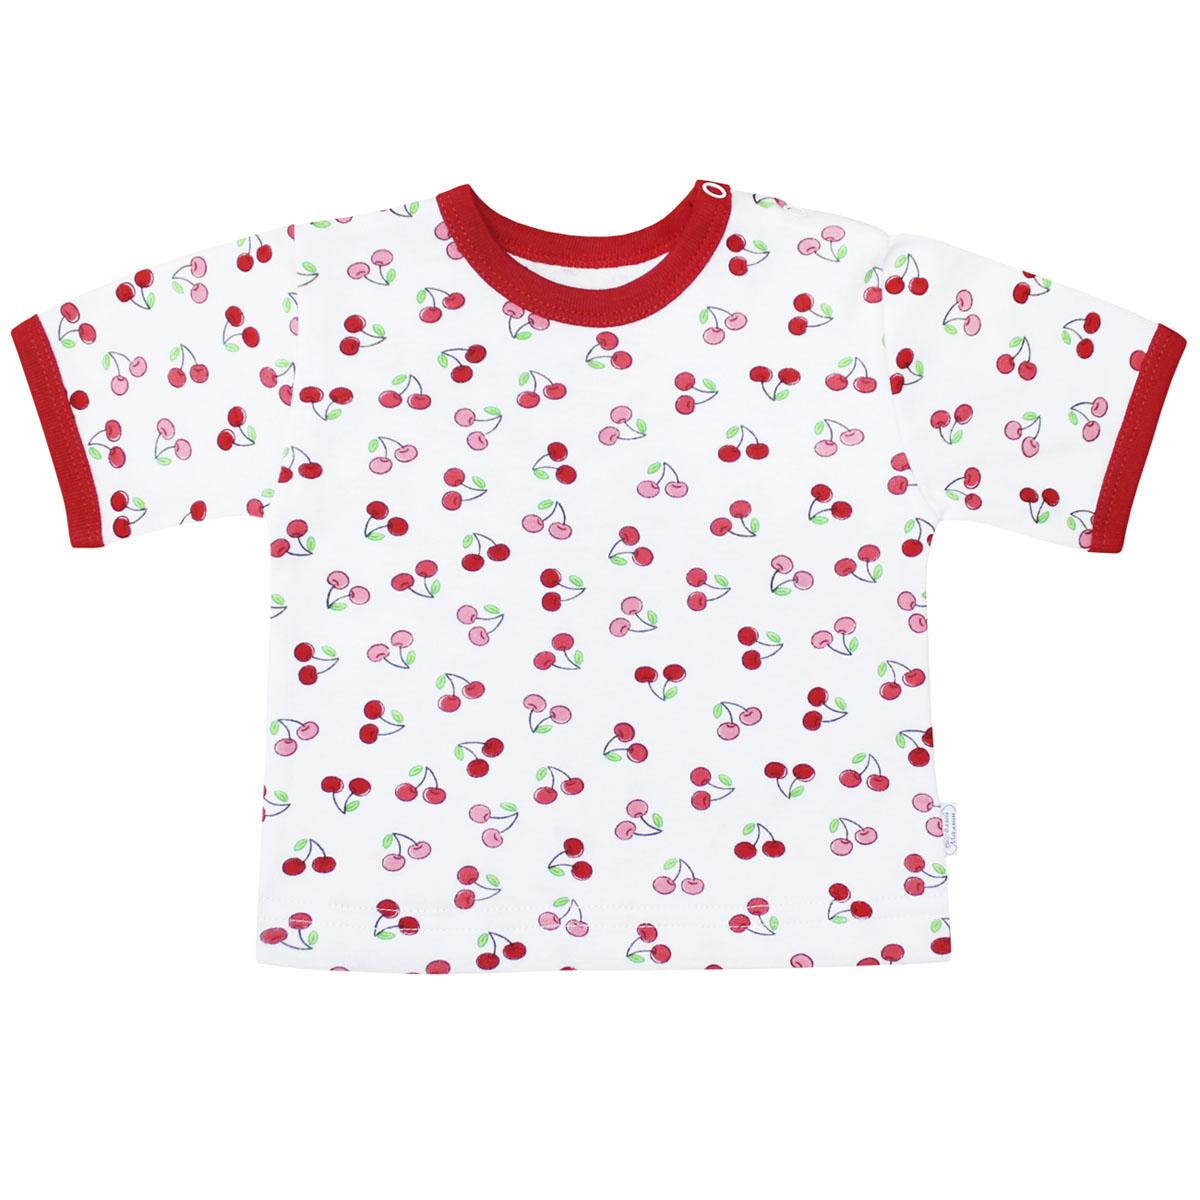 Футболка для девочки Веселый малыш Спелая вишня, цвет: белый, красный. 67322/св-E (1). Размер 8067322Футболка для девочки выполнена из качественного материала. Модель с круглым вырезом горловины и короткими рукавами.